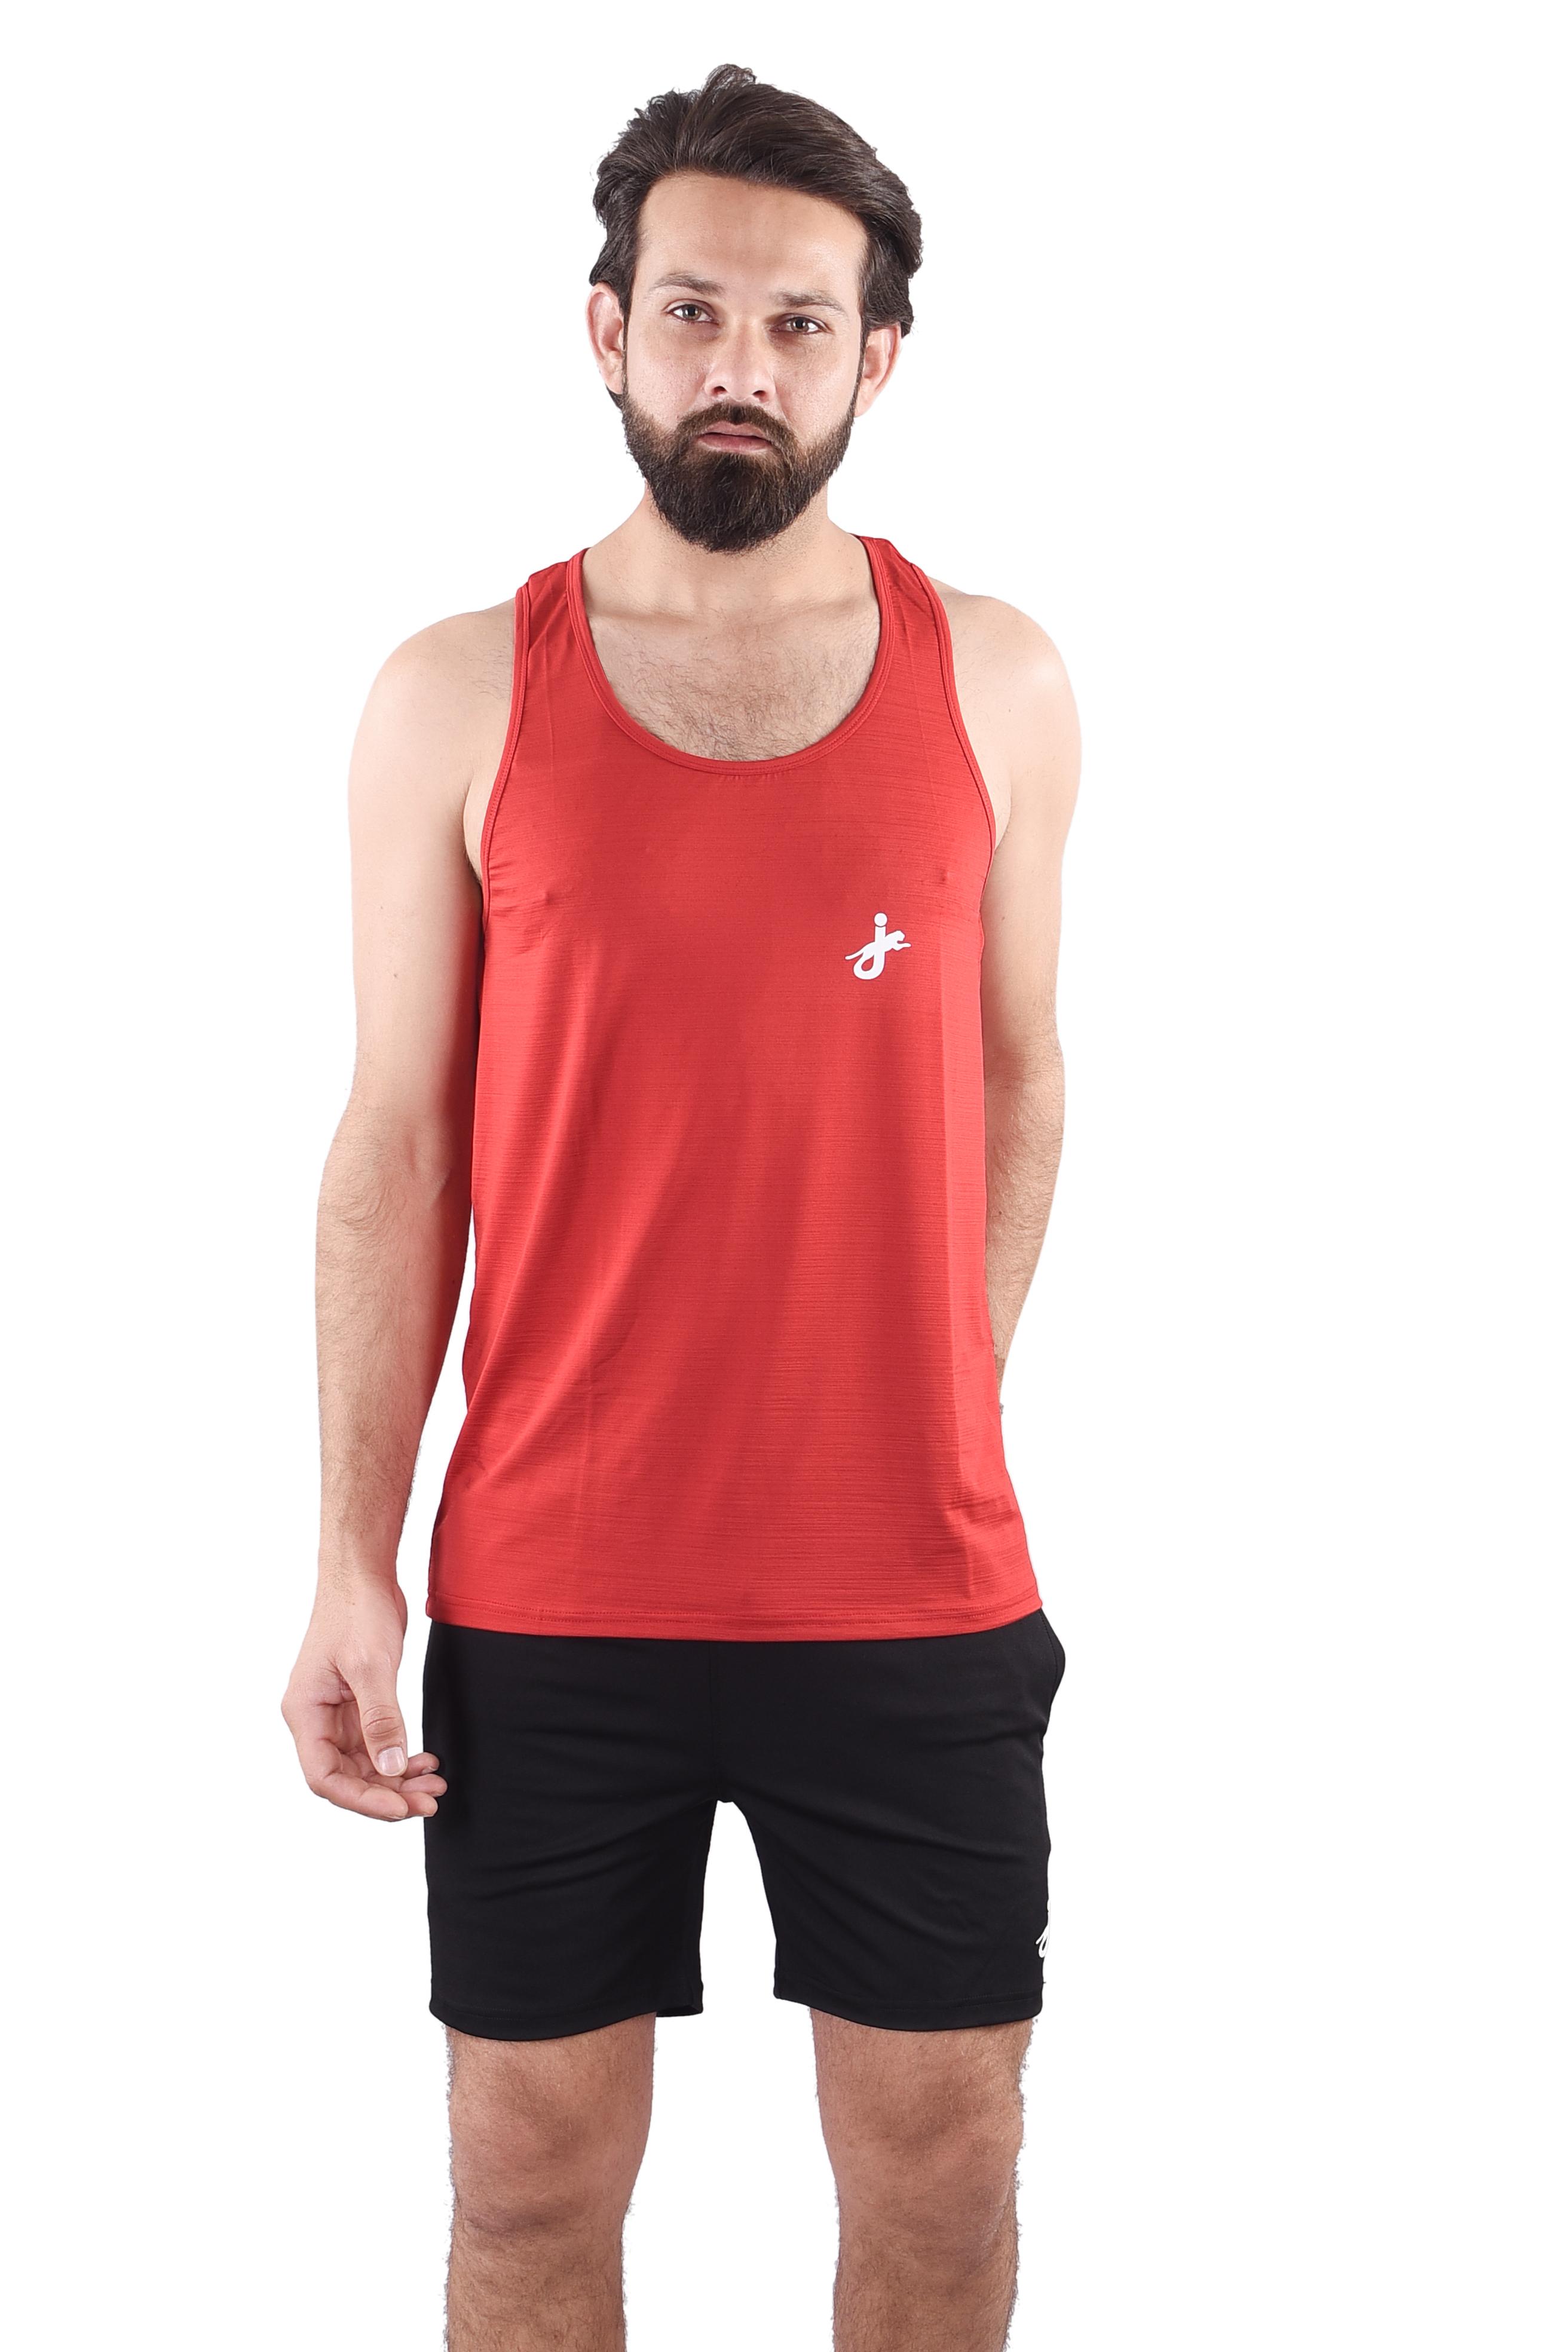 JAGURO | JAGURO  Men's Polyester Sleeveless  Tank T-Shirt.